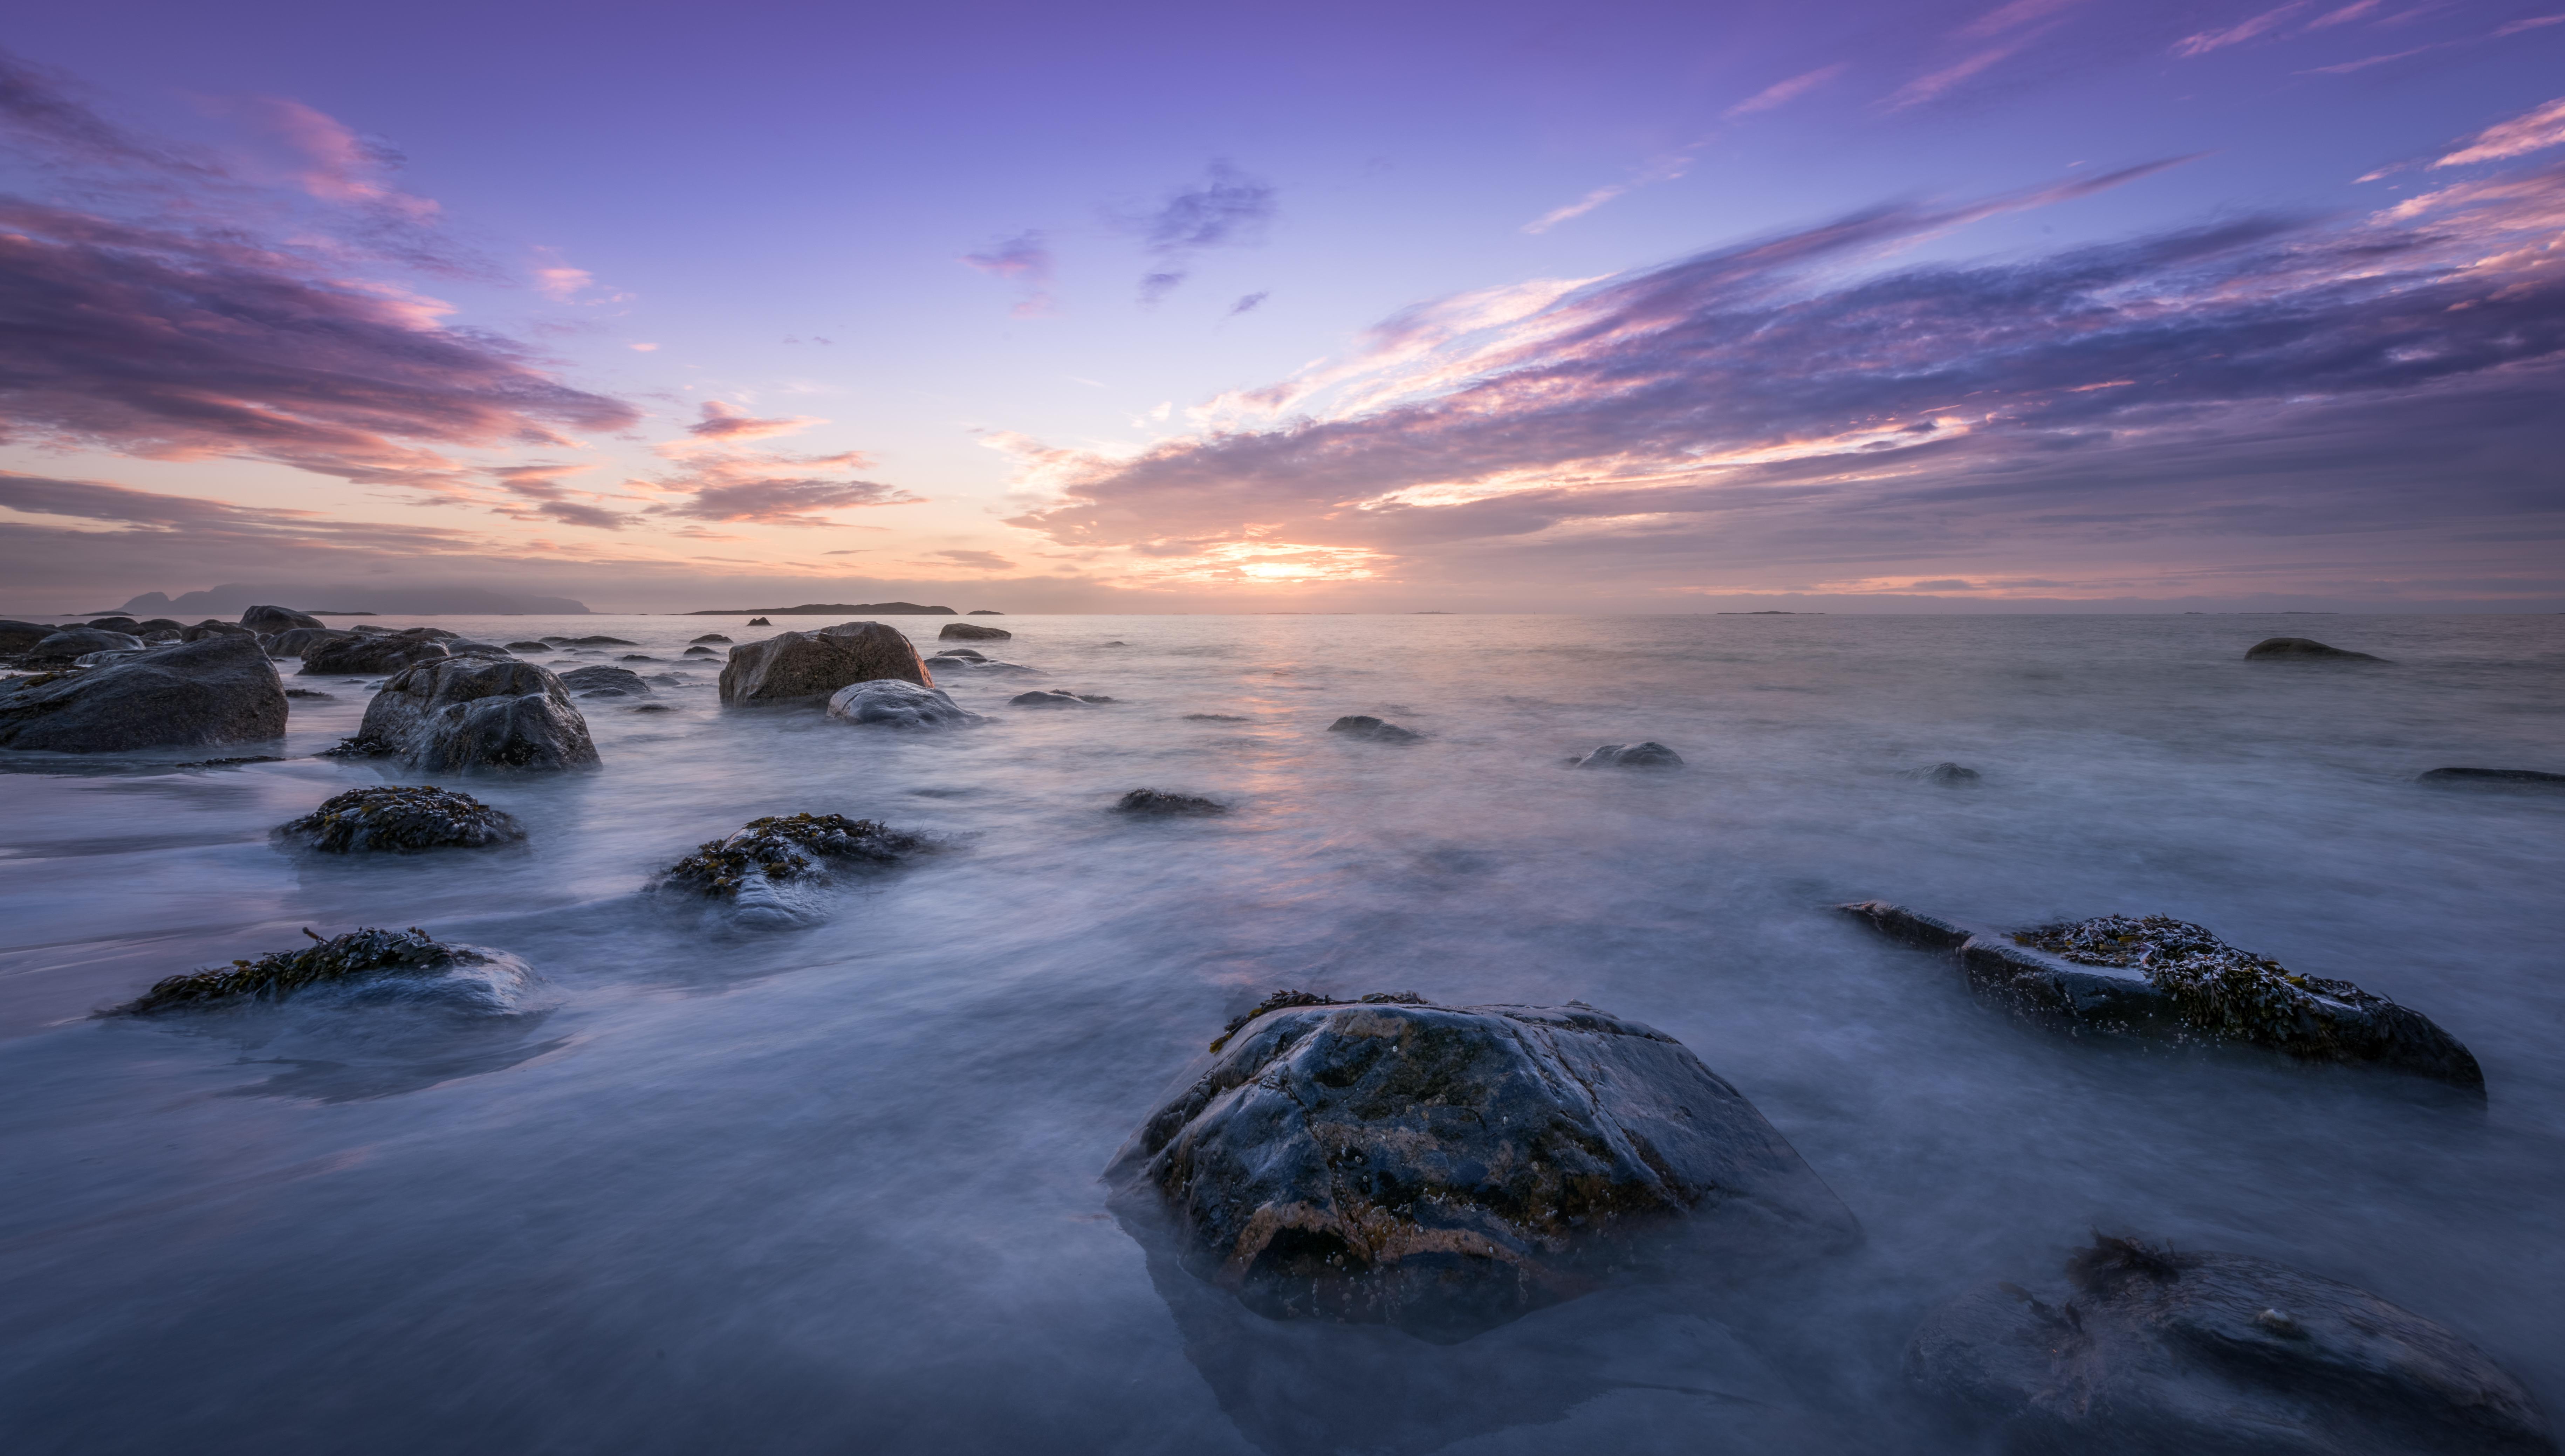 горизонт камни море вода океан природа  № 2556111 бесплатно